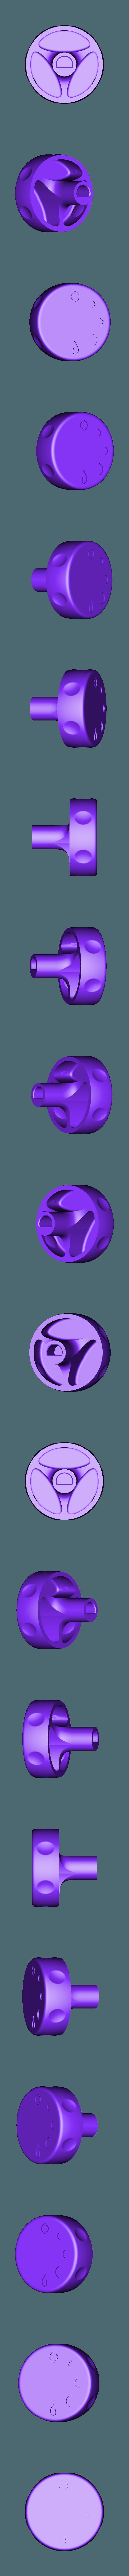 Stove_Knob_v1-3.STL Télécharger fichier STL gratuit Bouton de poêle • Objet pour imprimante 3D, WalterHsiao